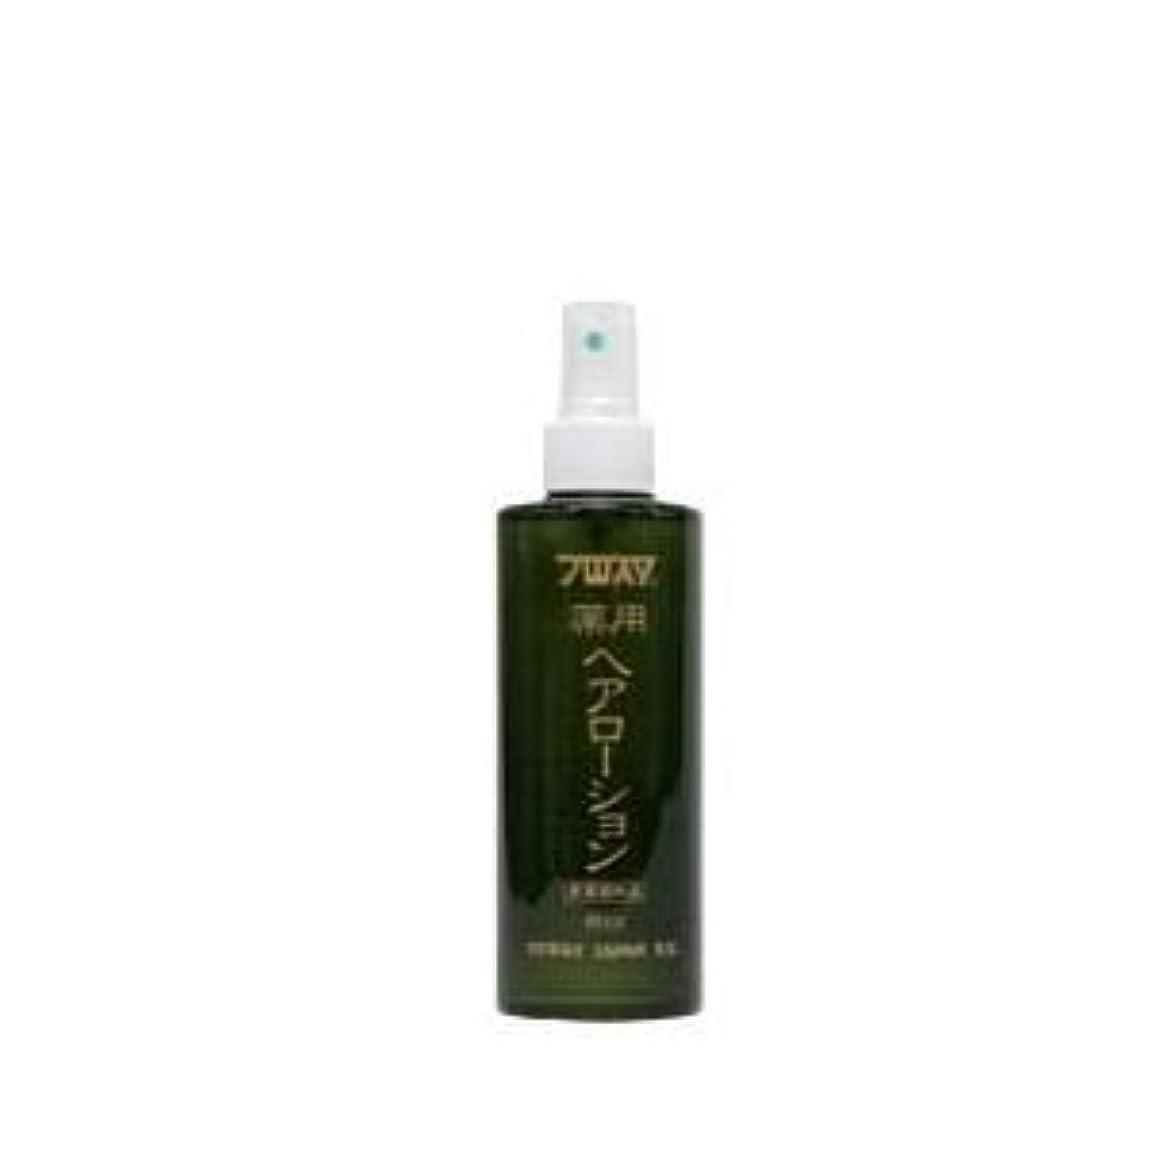 ニューウェイジャパン パイウェイ 薬用ヘアローション236ml(医薬部外品)